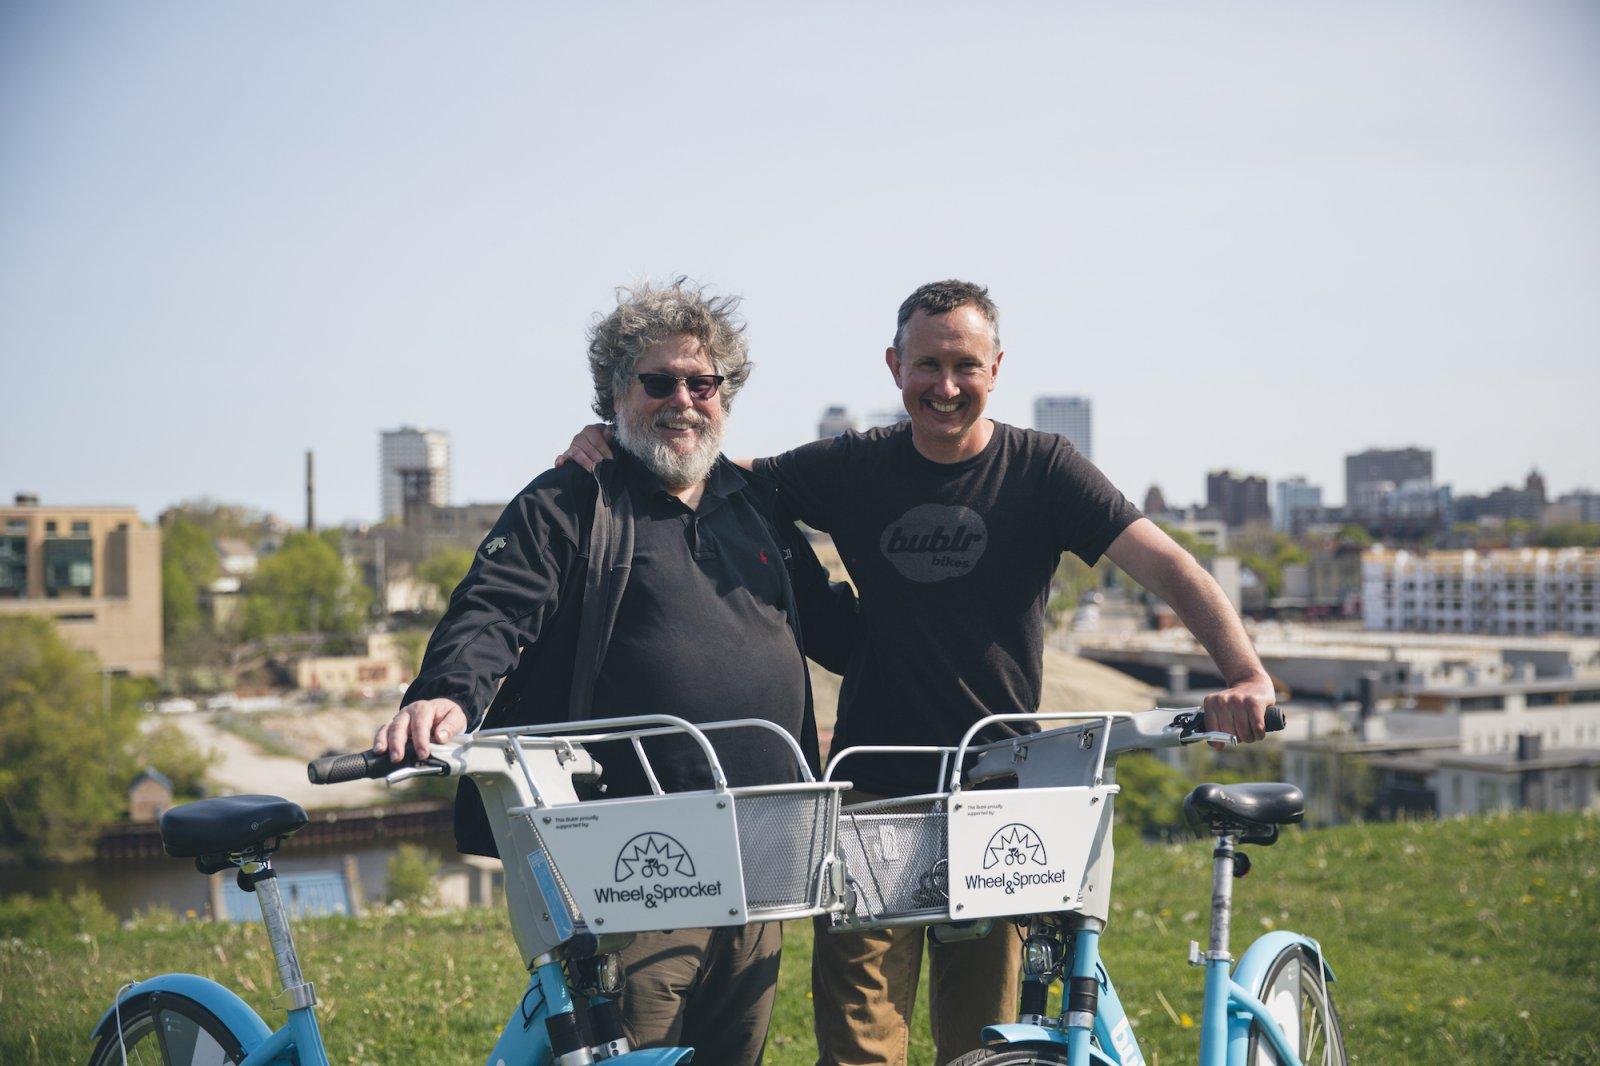 Chris Kegel, President of Wheel & Sprocket, and Kevin Hardman, Executive Director of Bublr Bikes